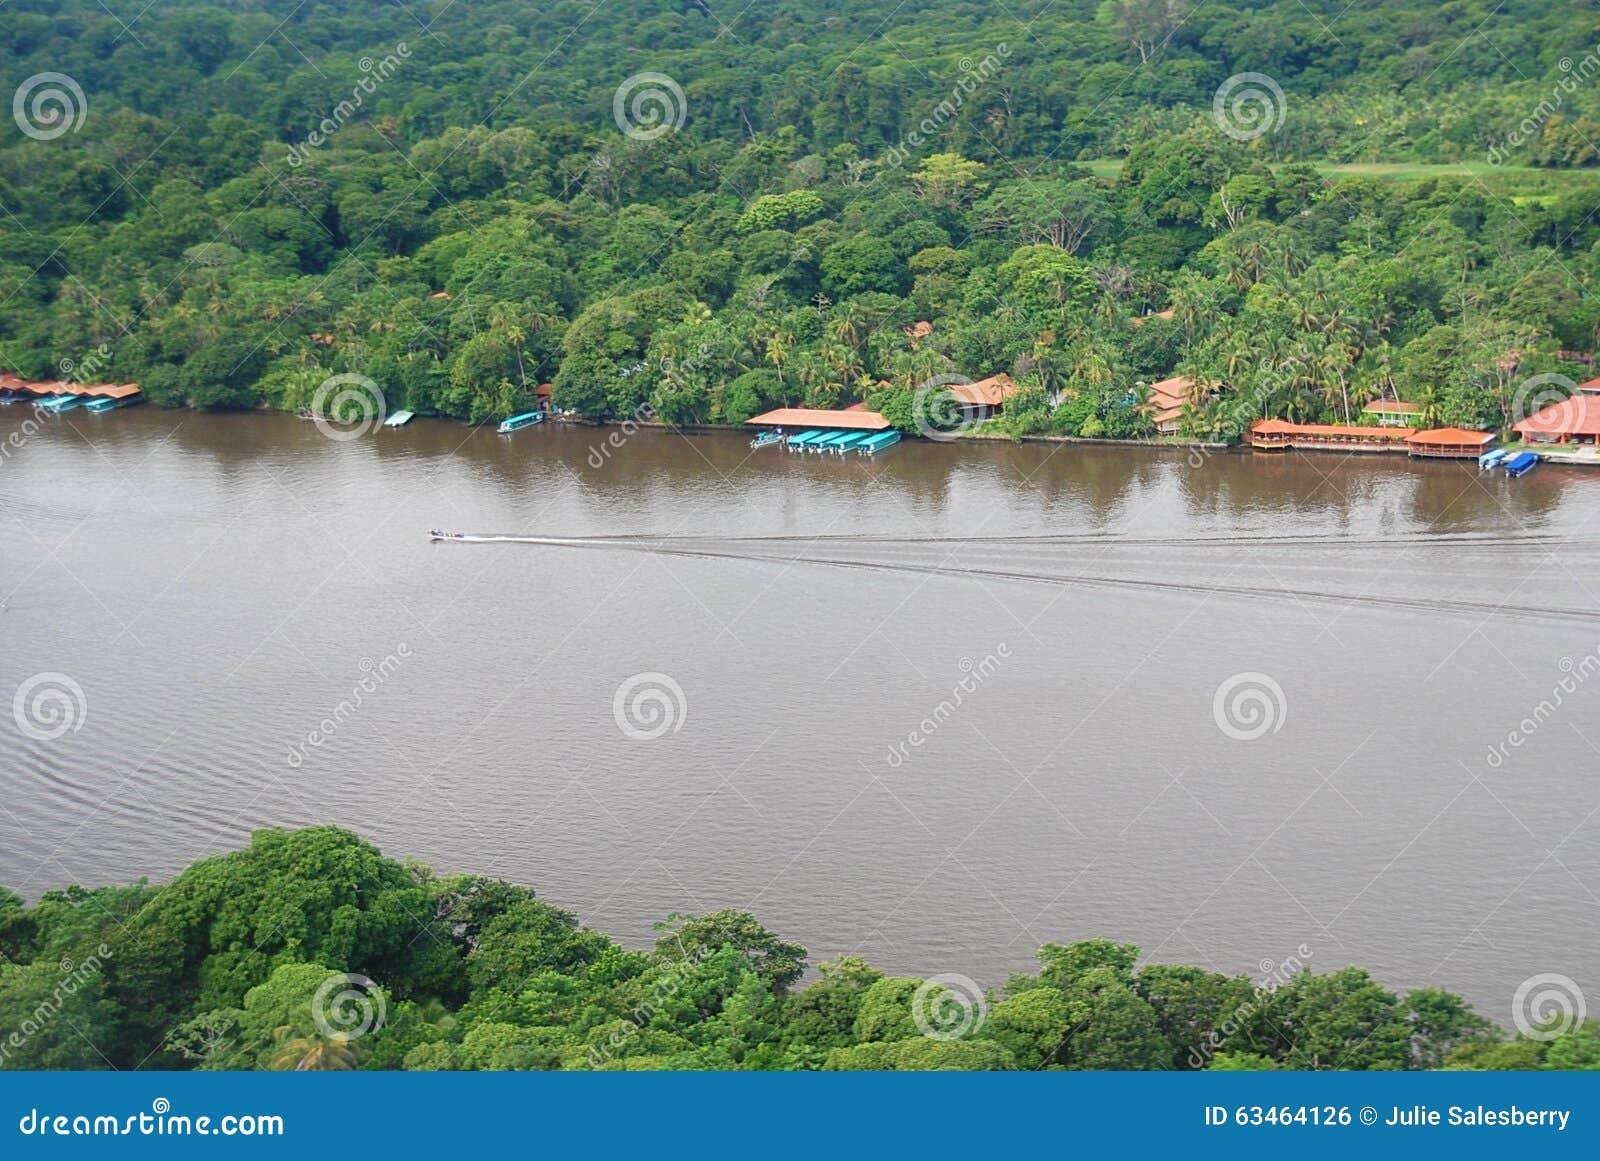 Tortuguero, Costa Rica Aerial View